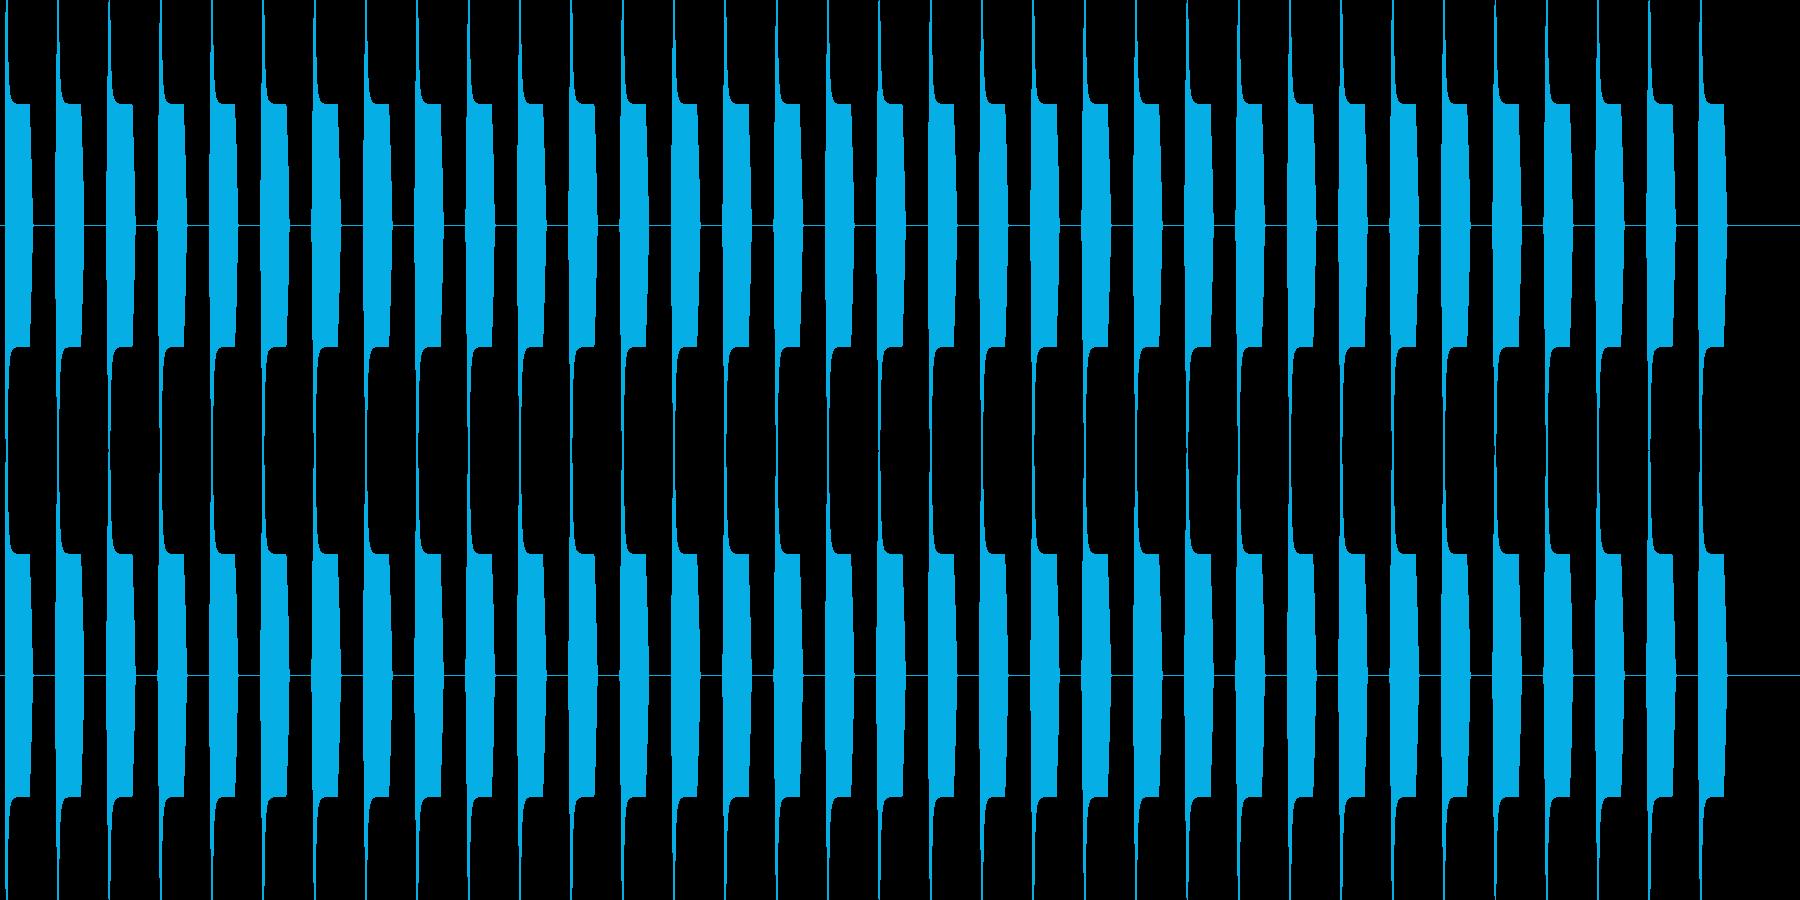 ブーブー な警告音 緊急連絡 アラーム2の再生済みの波形